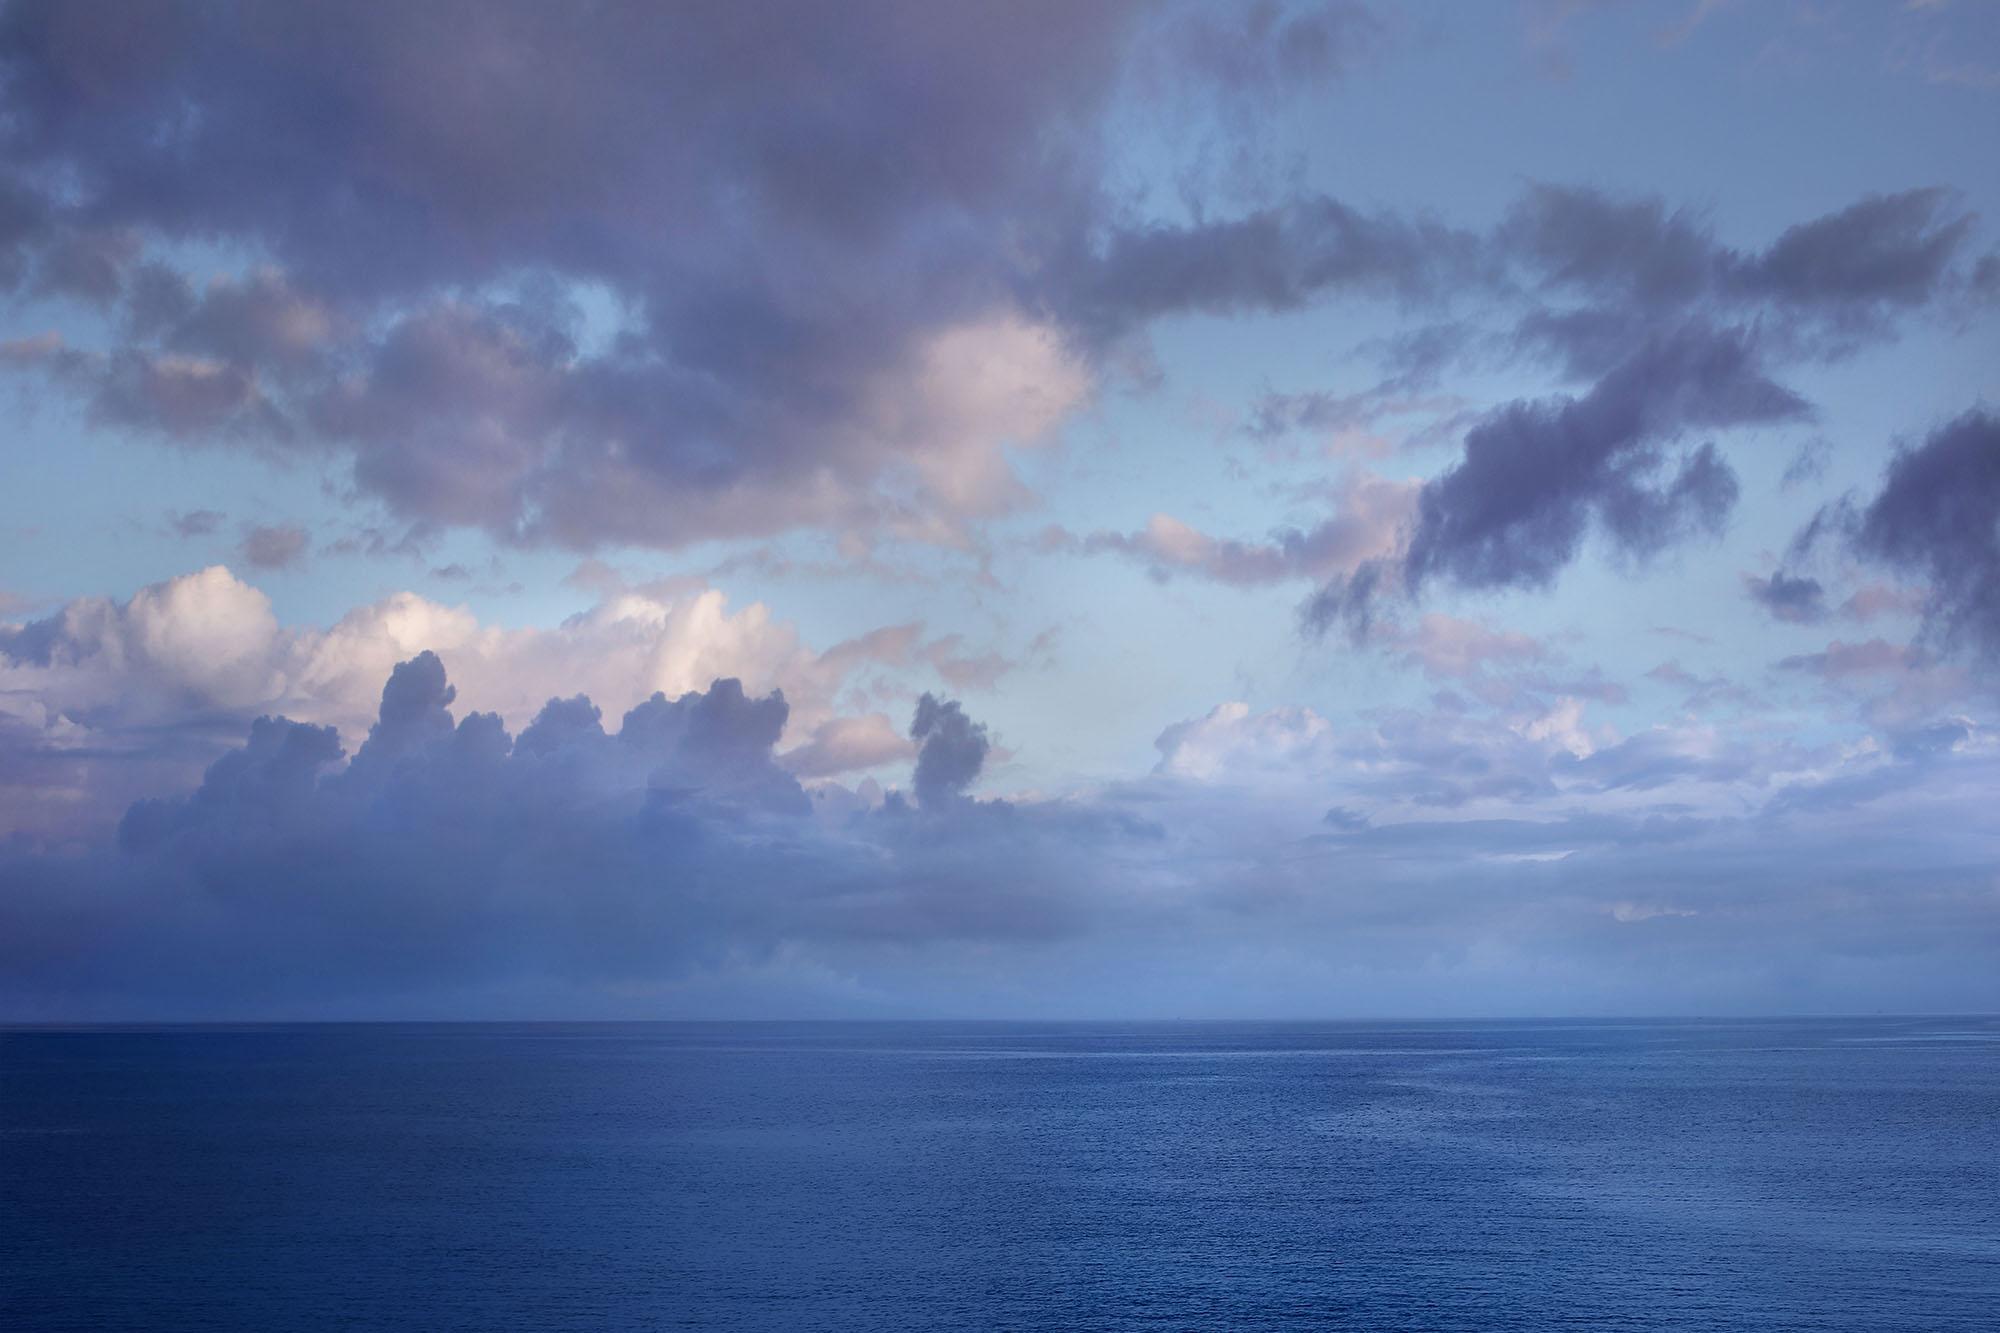 Southbay Dawn by Rich J. Velasco